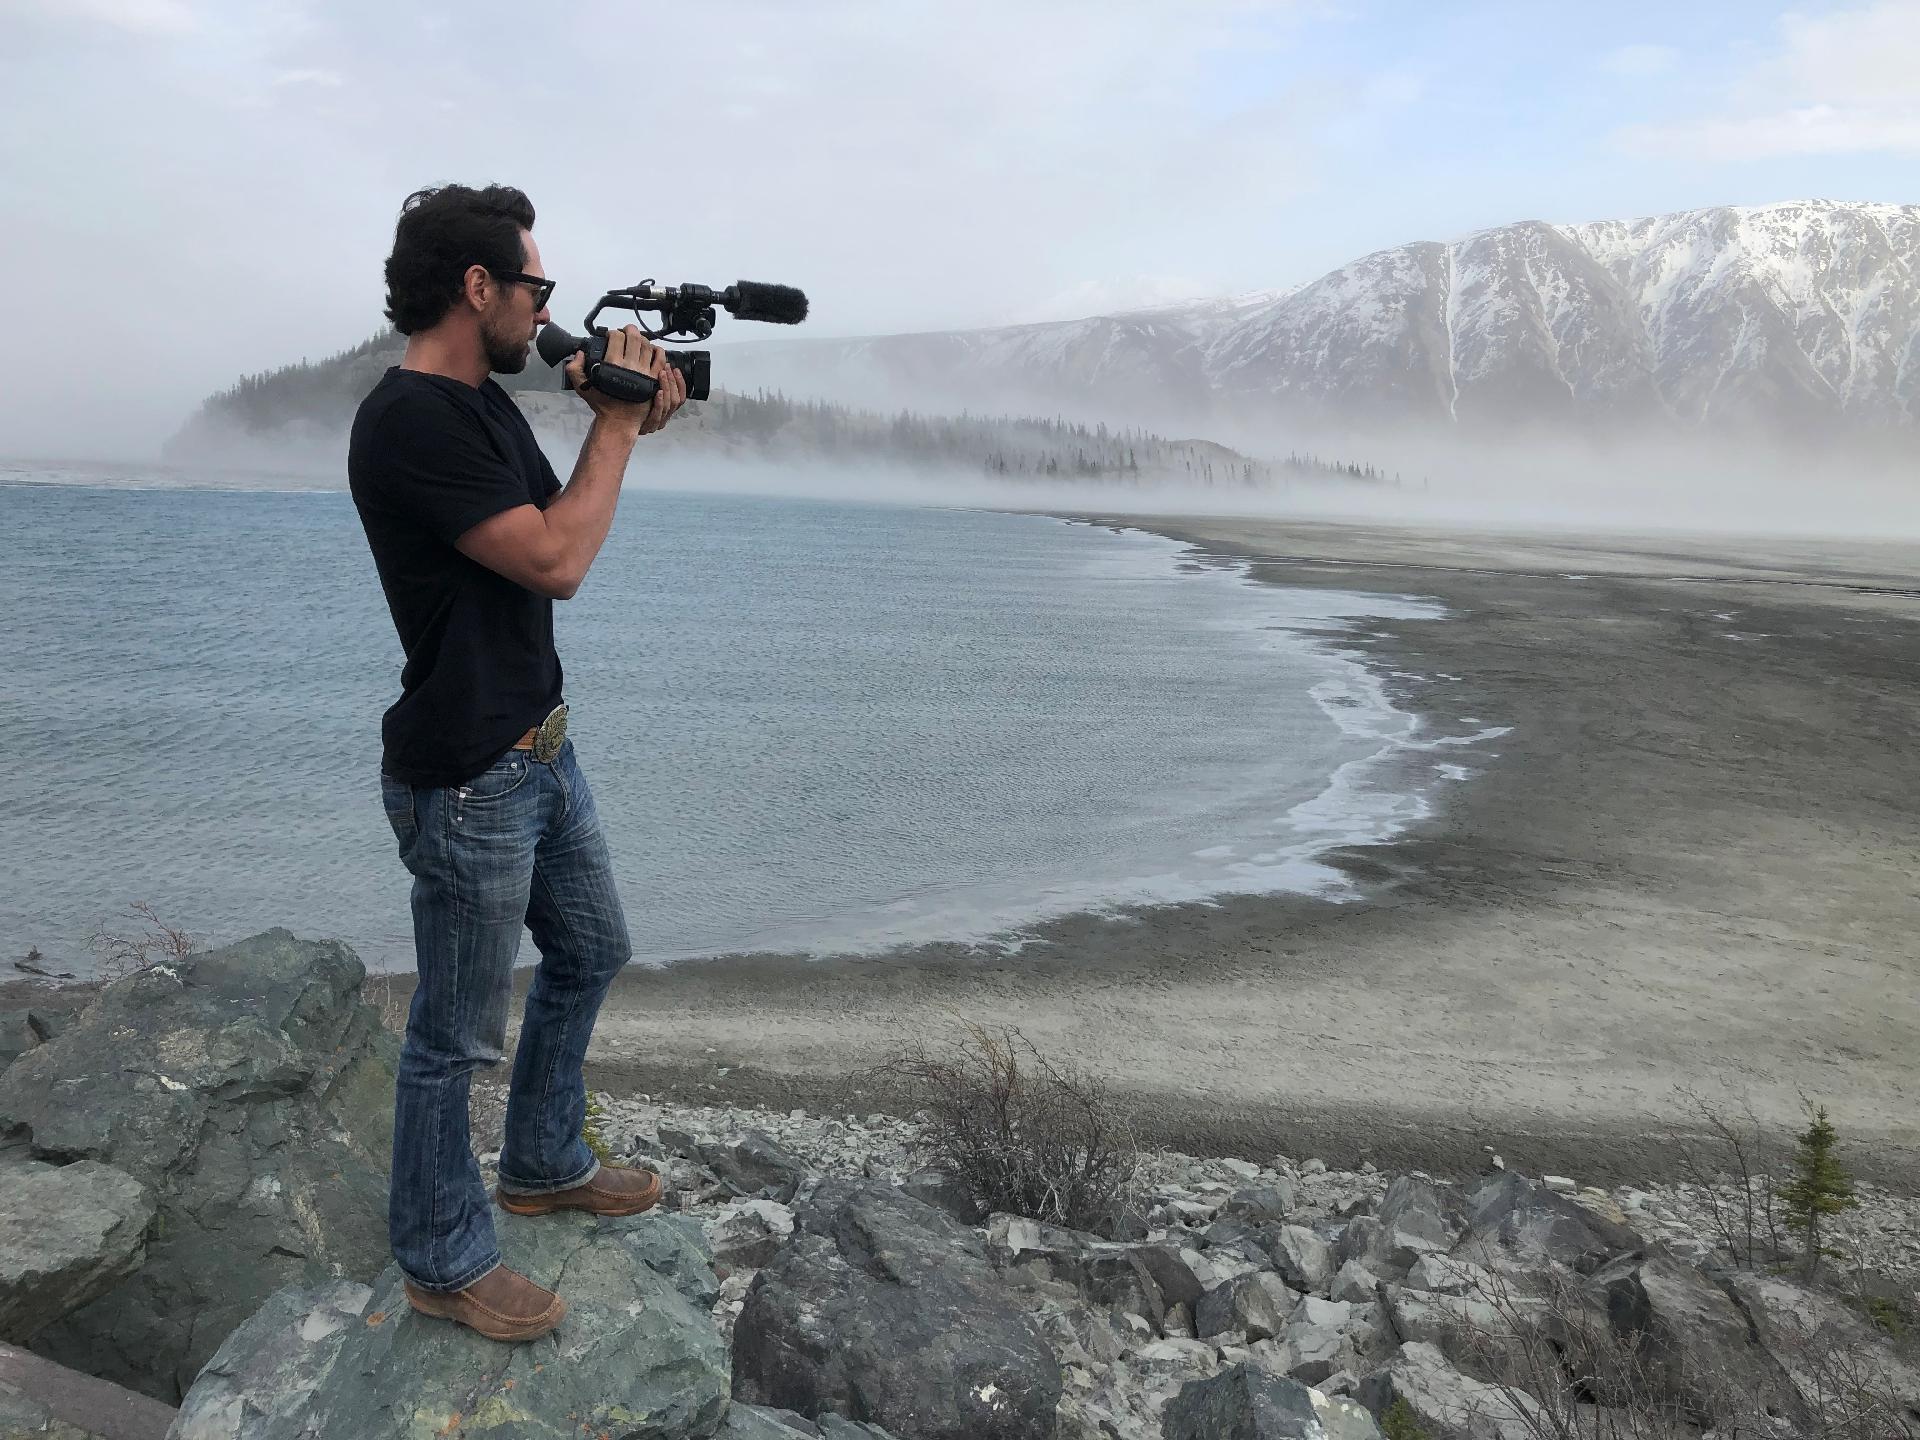 Em Cluane Lake em Yukon, Canadá - Arquivo Pessoal